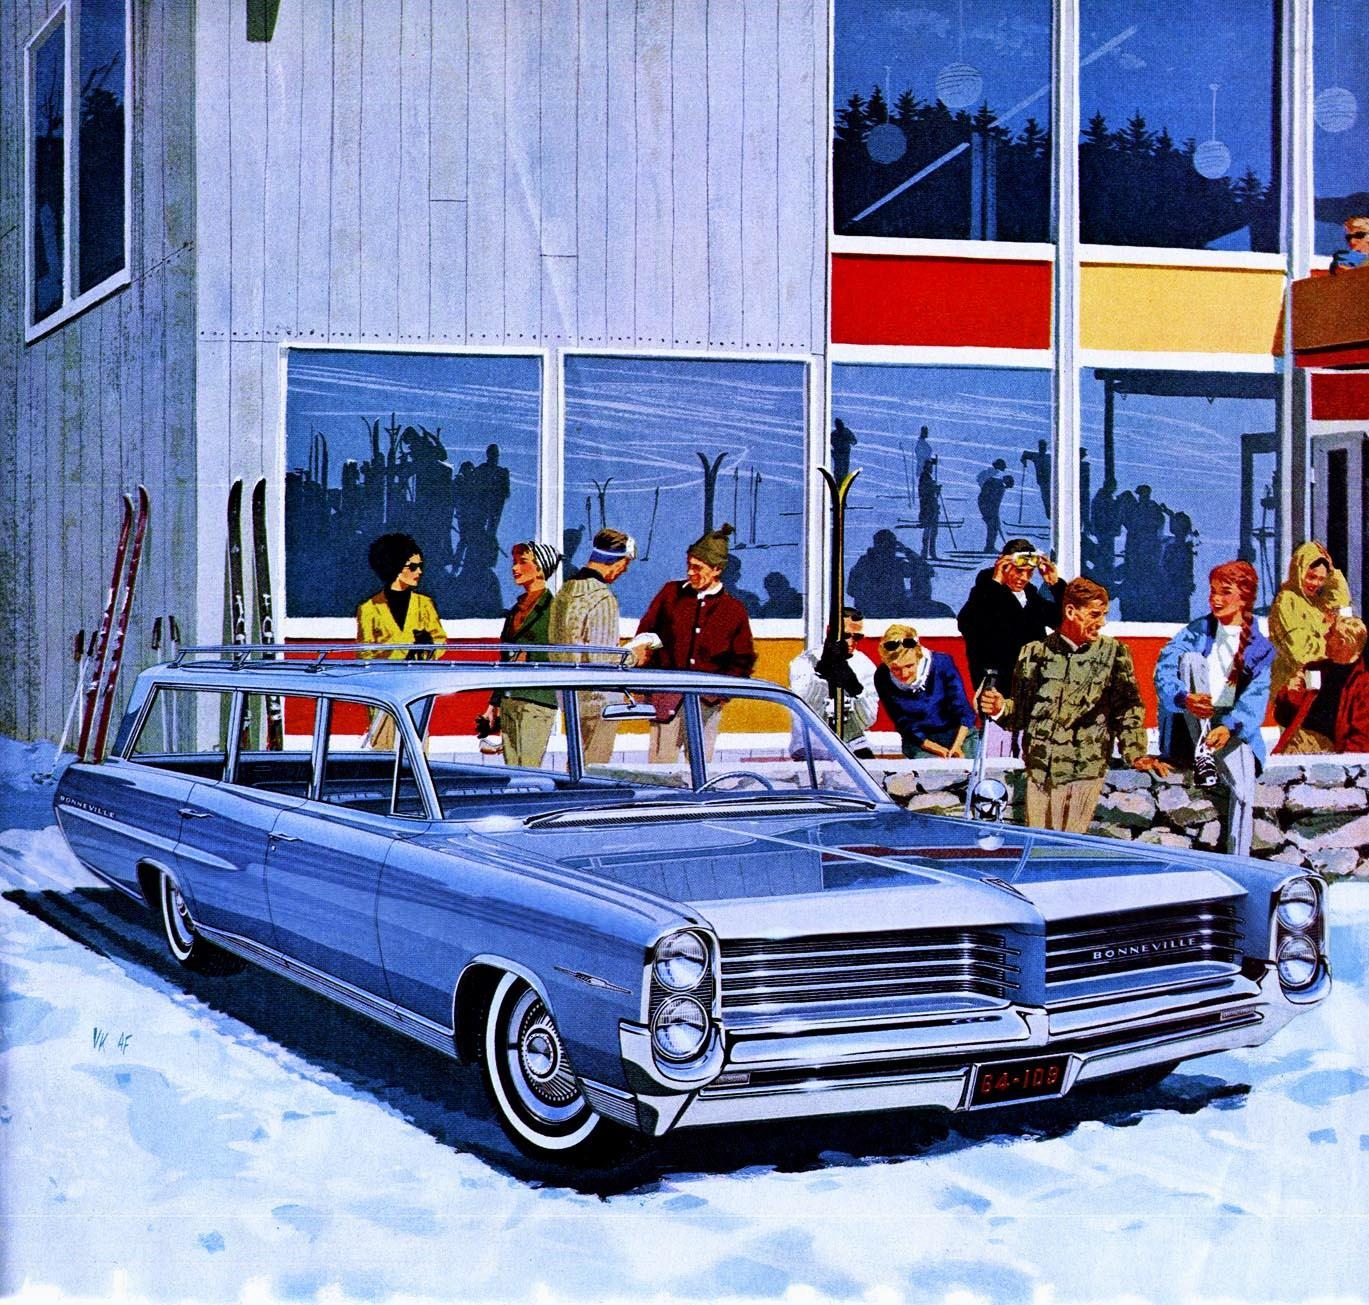 1964 Wide-Track Pontiac Safari